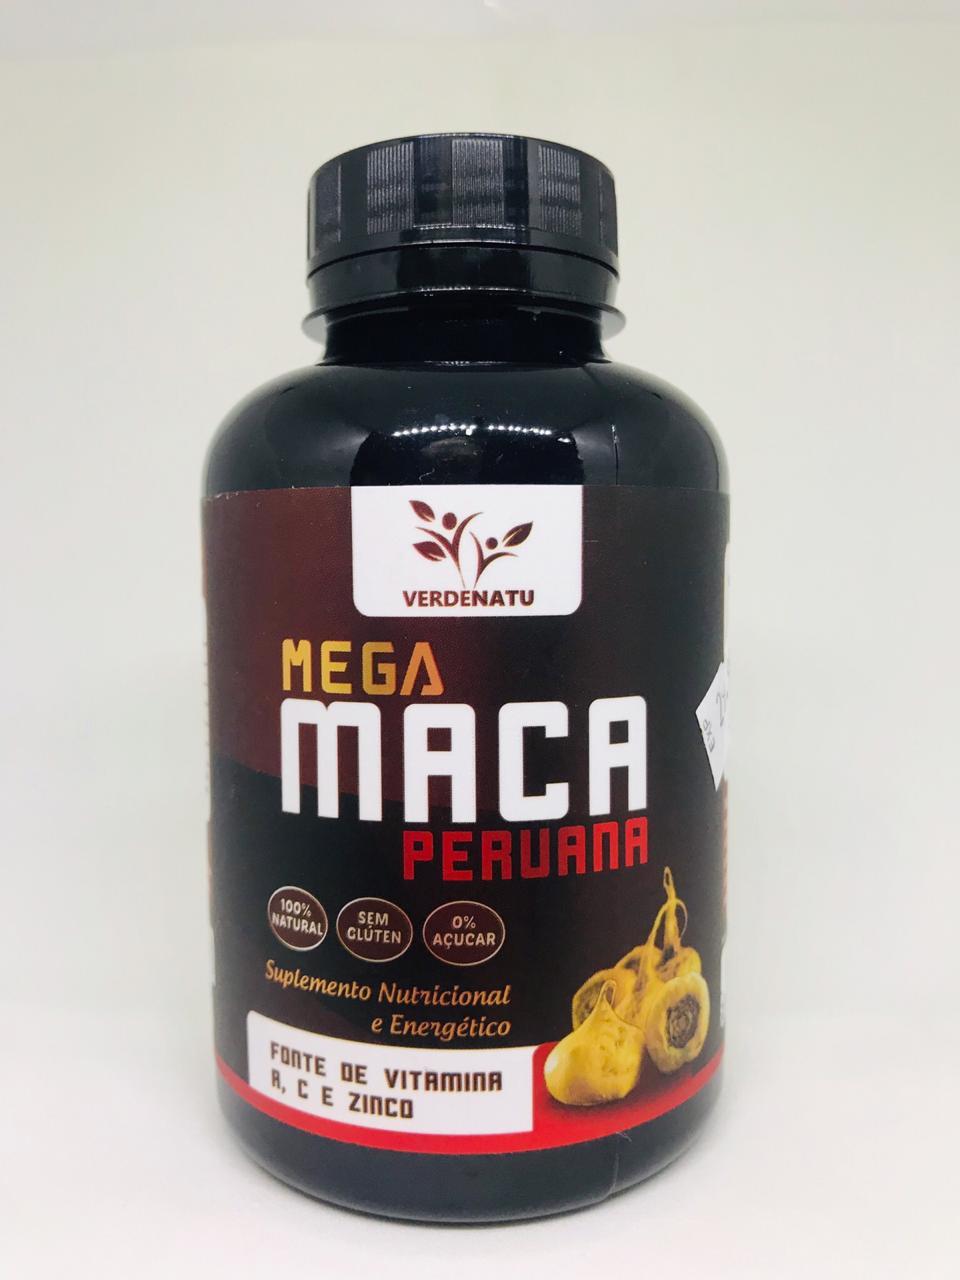 VERDENATU  Mega Maca Peruana - 60 caps